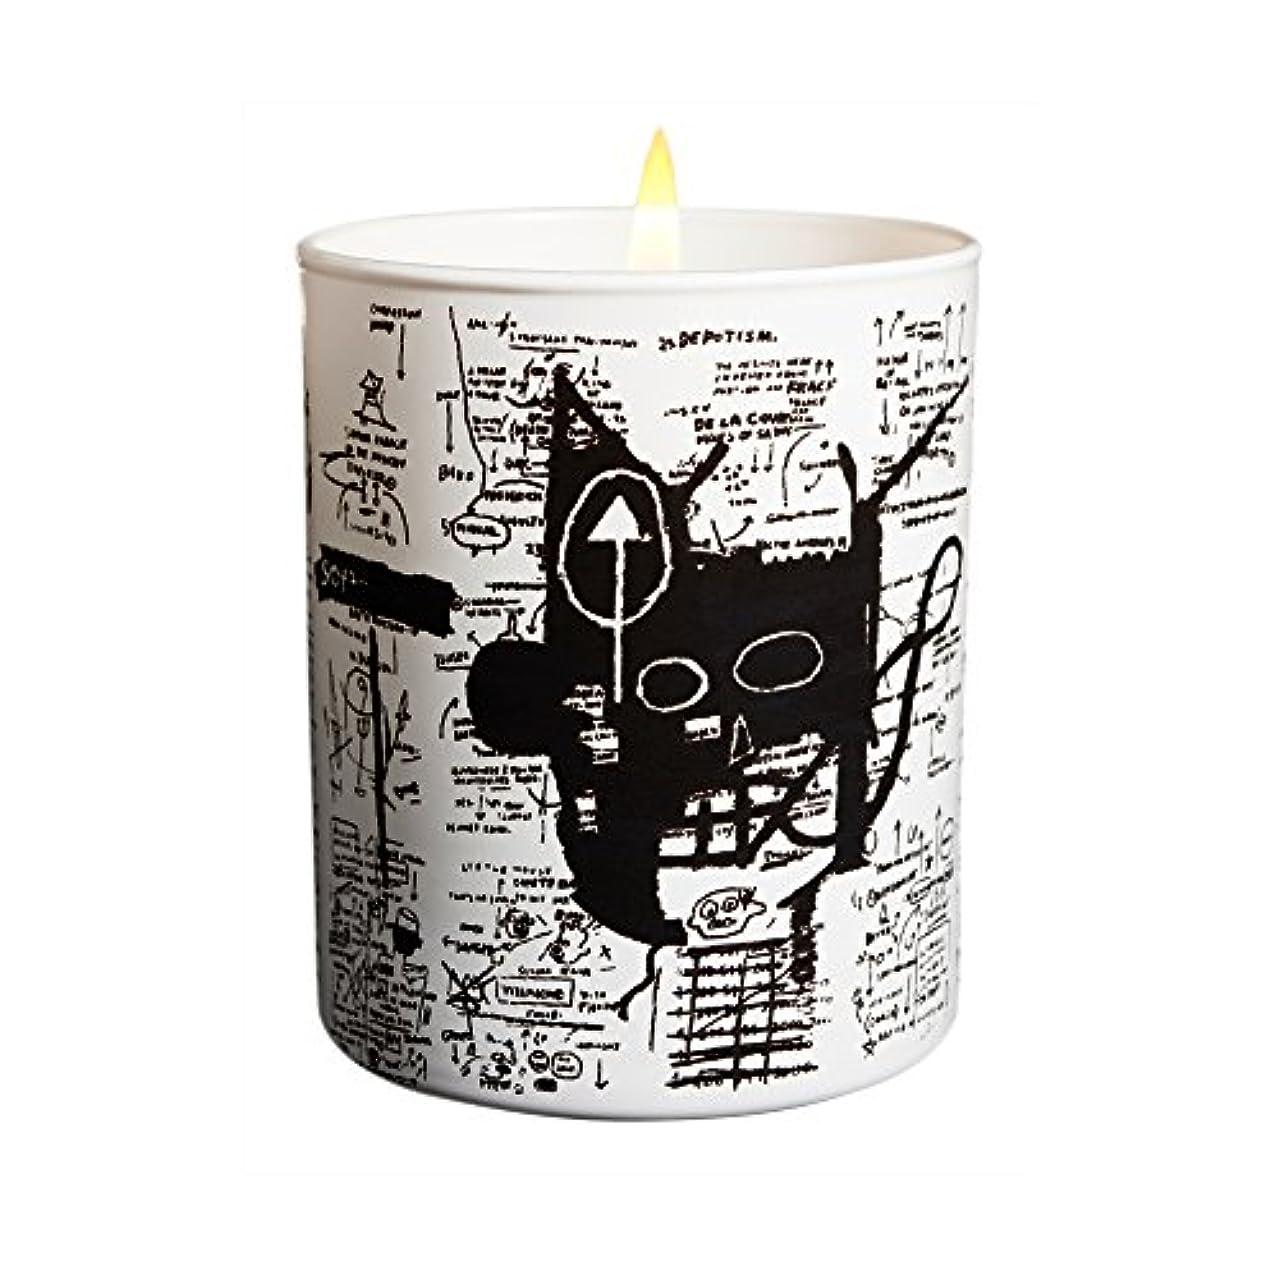 連続した南アメリカうぬぼれたジャン ミシェル バスキア リターン オブ ザ セントラル フィギュア キャンドル(Jean-Michael Basquiat Perfumed Candle